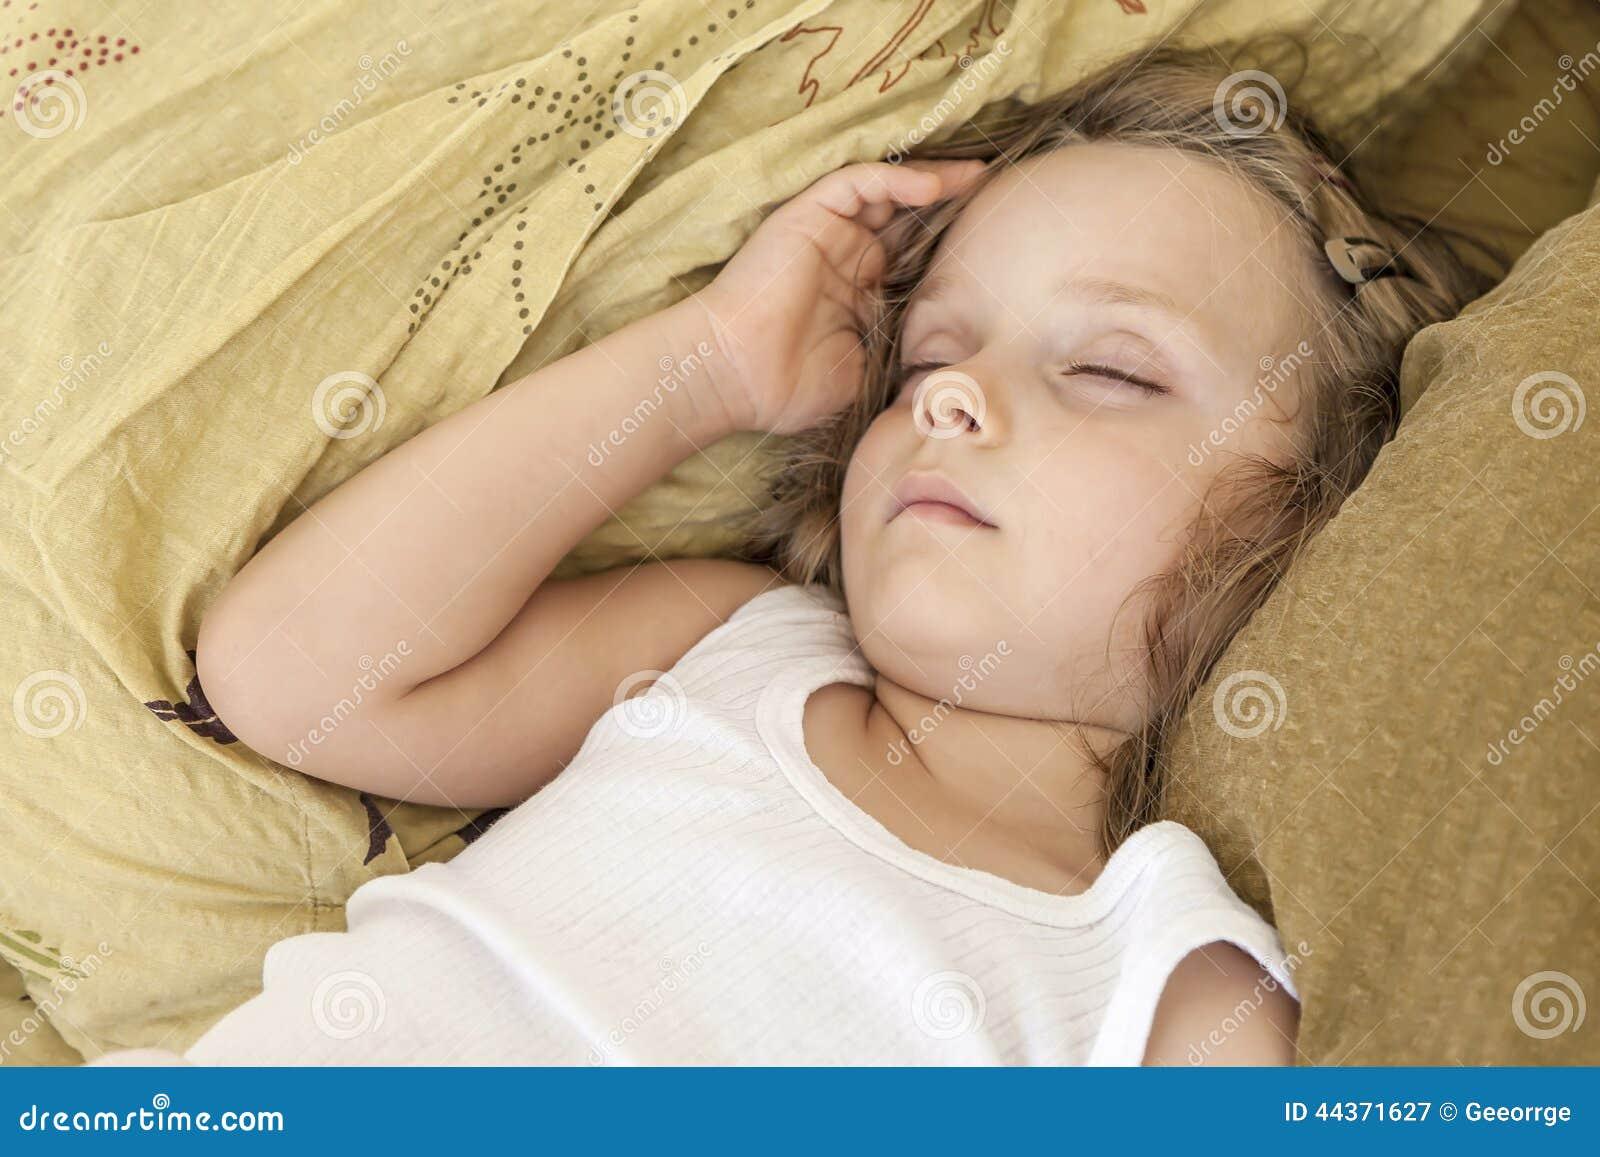 Ragazza che dorme pacificamente